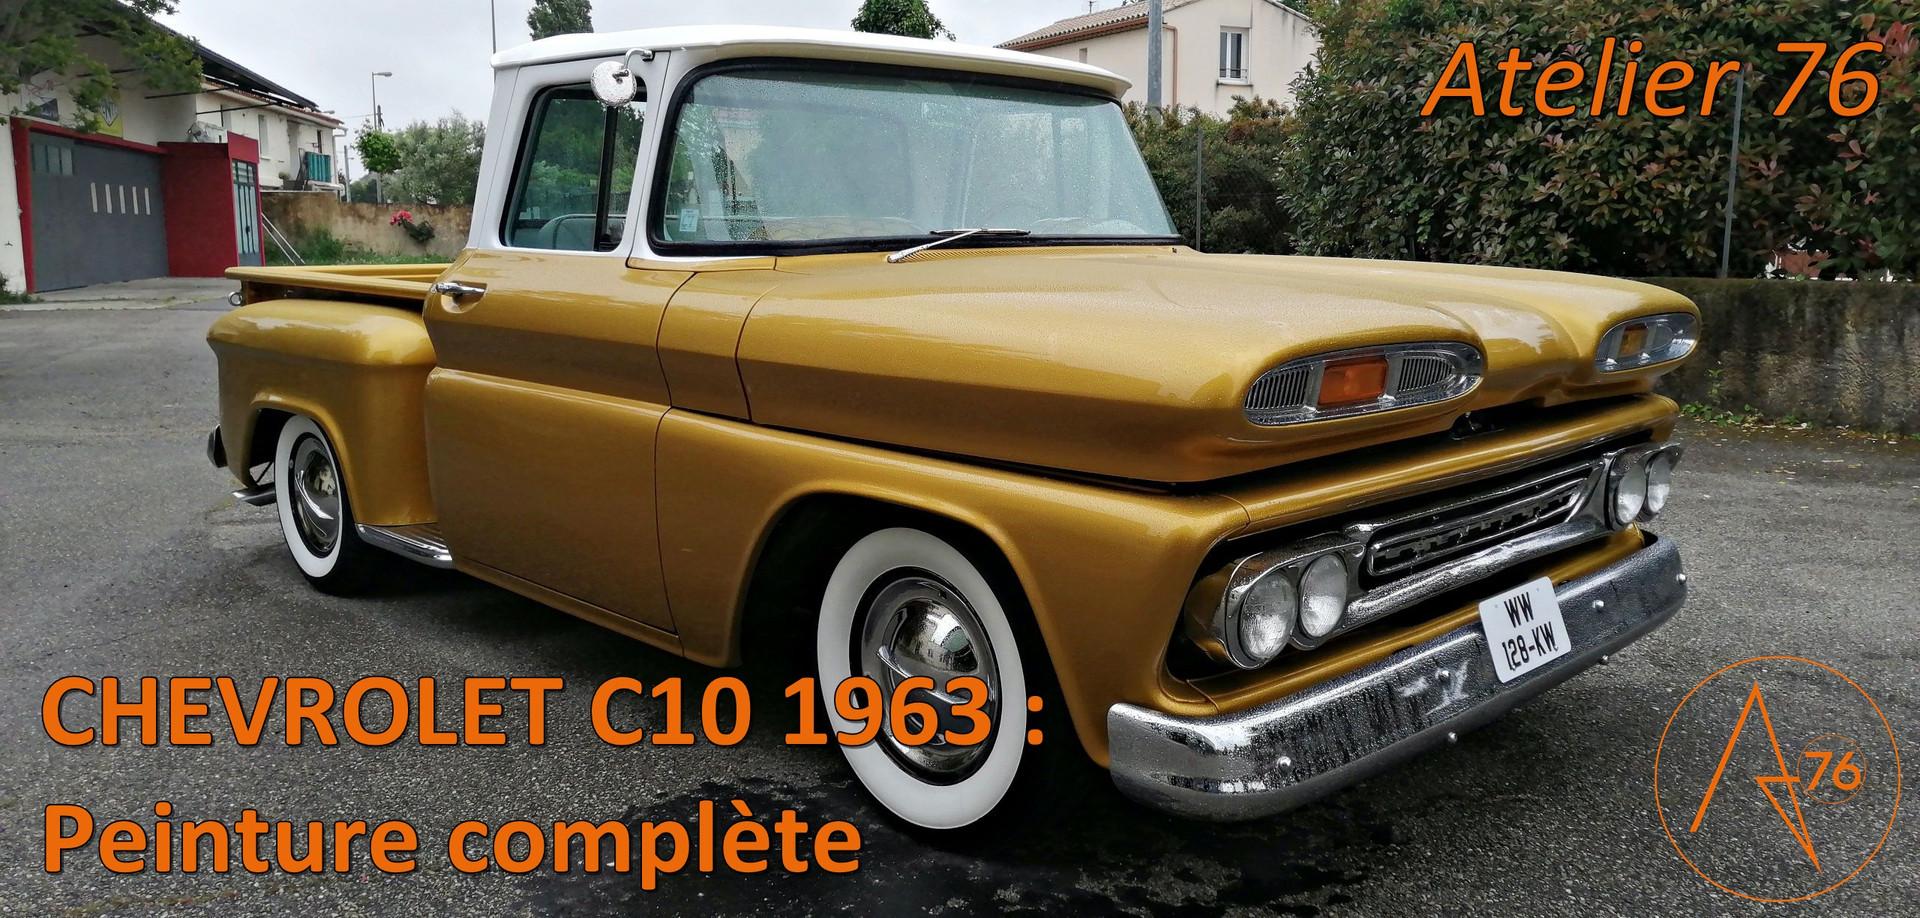 CHEVROLET C10 restaurée chez Atelier 76